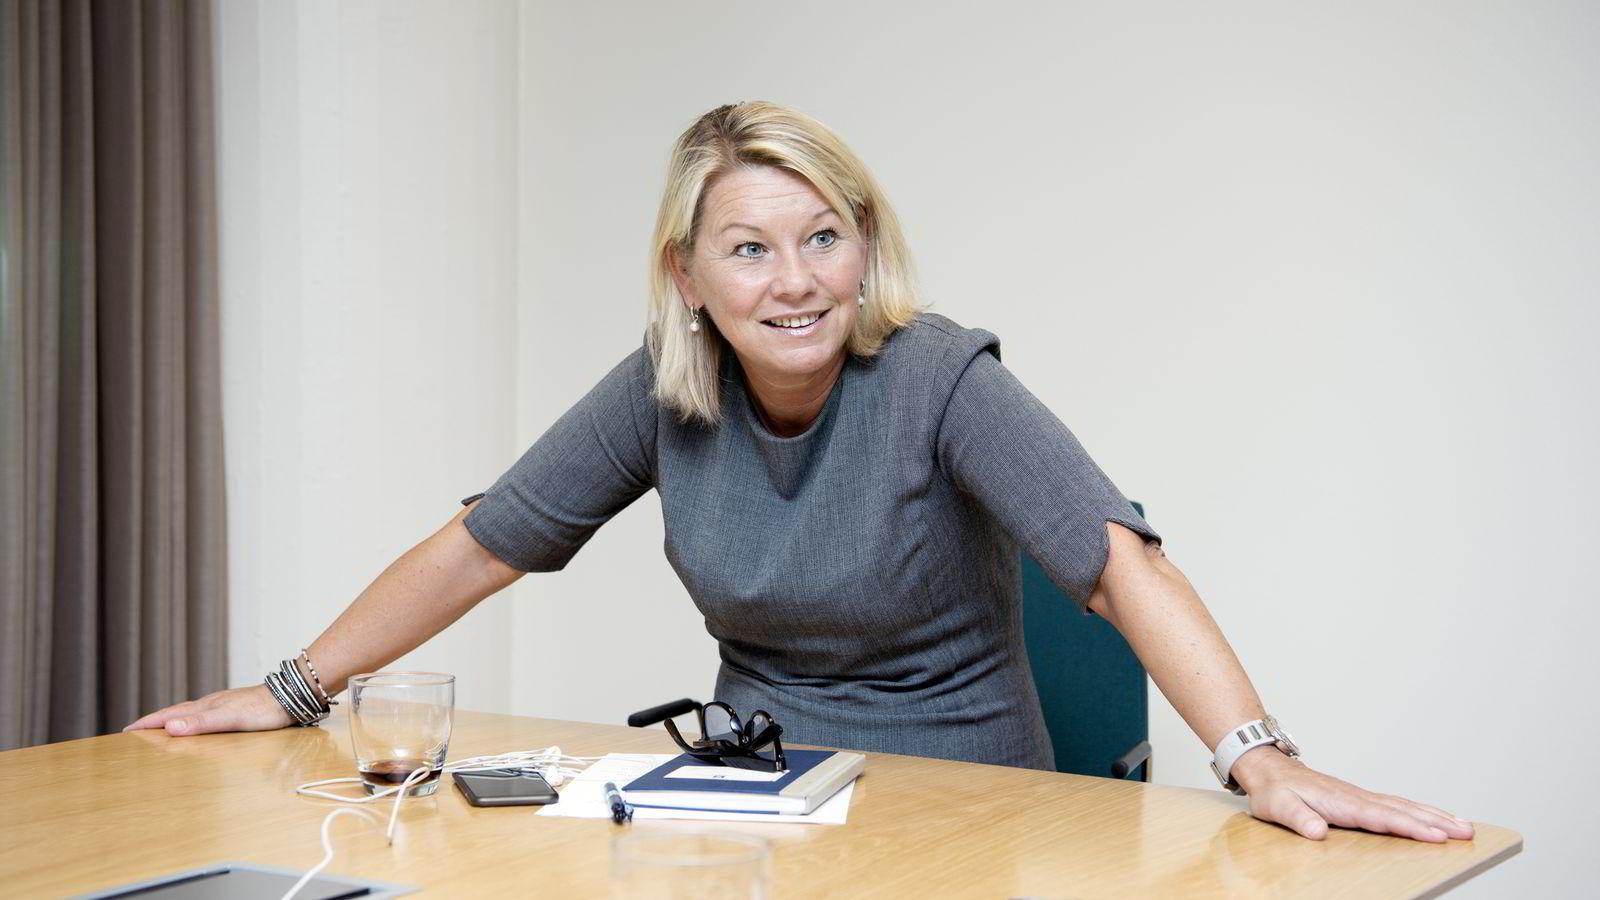 Næringsminister Monica Mæland er ikke fornøyd med resultatene til det statlige venture-fondet Investinor, og foreslår nå et helt nytt investeringsmandatet.